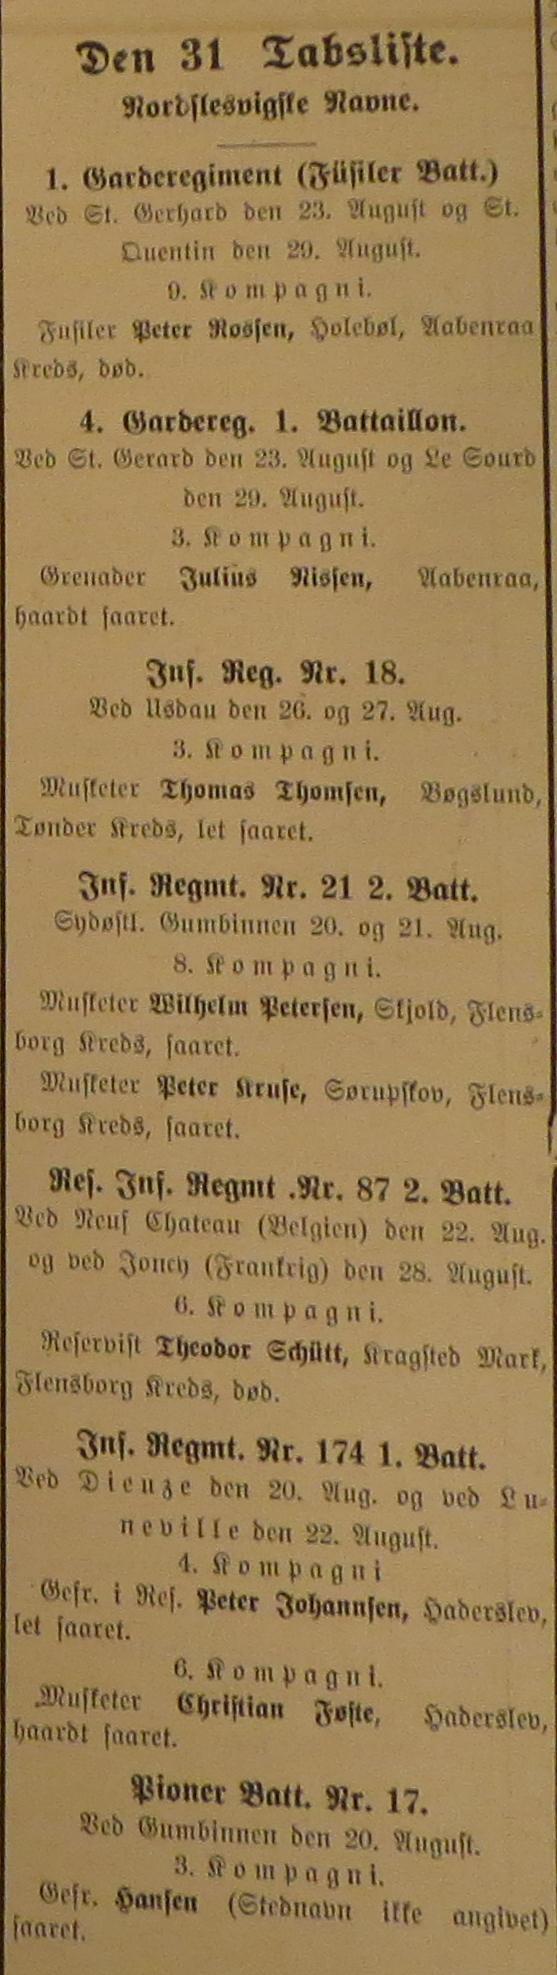 24.09.1914 - tabsliste, Hejmdal